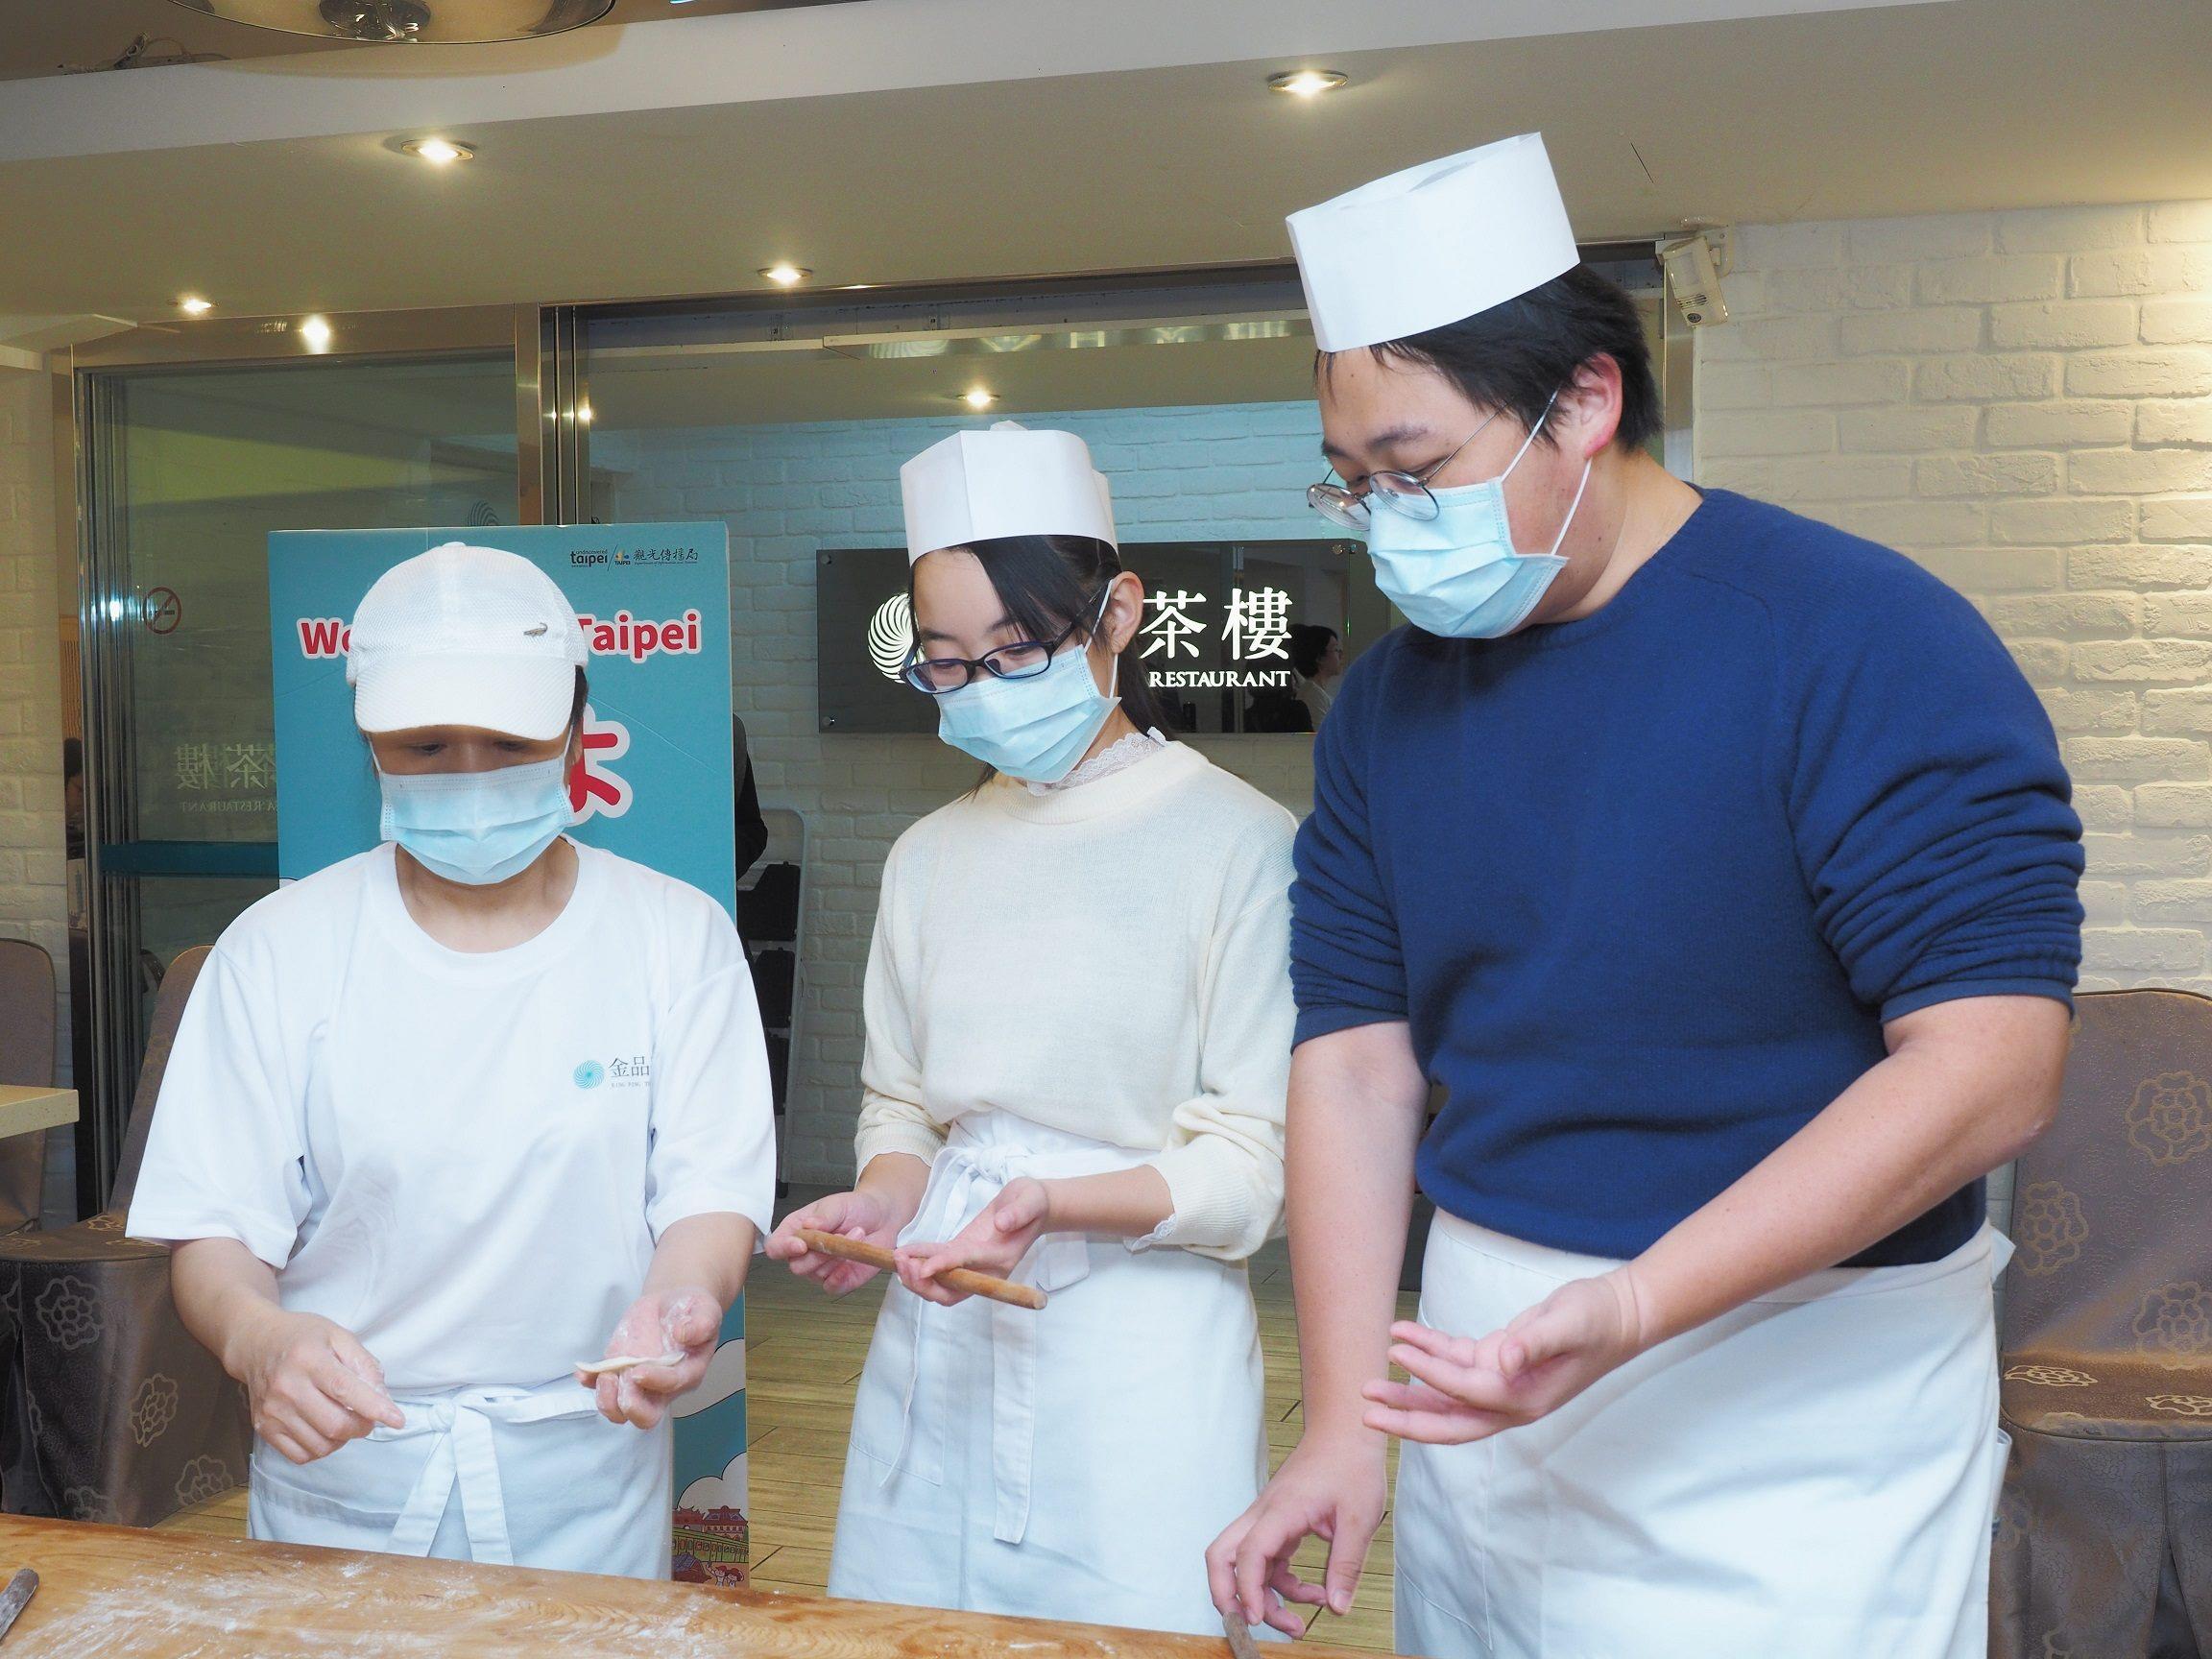 劉奕霆局長與修學旅行學生共同體驗小籠包製作